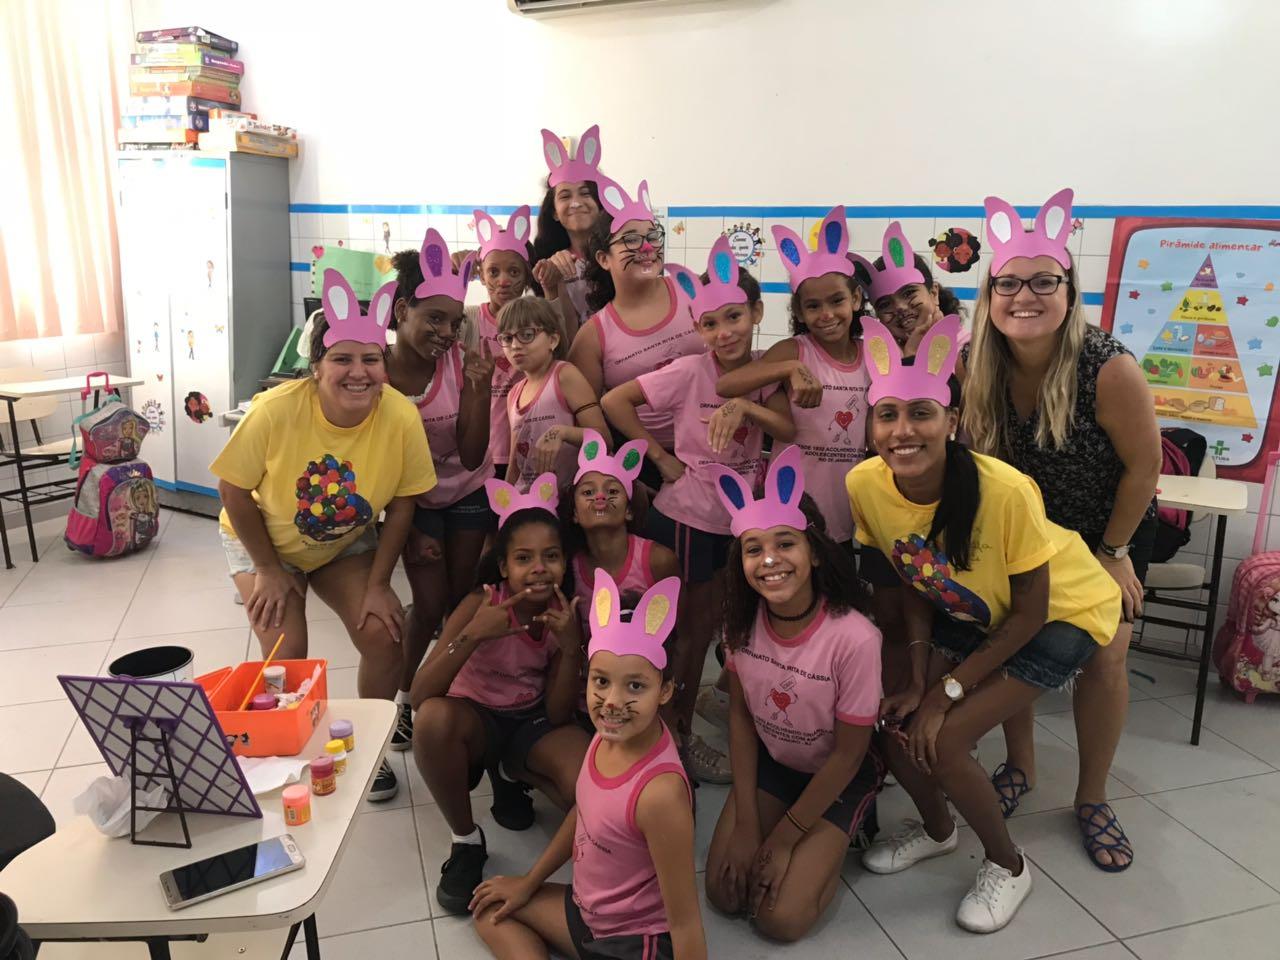 Instituto Kailua une inglês com tradição da Páscoa durante atividade social em orfanato